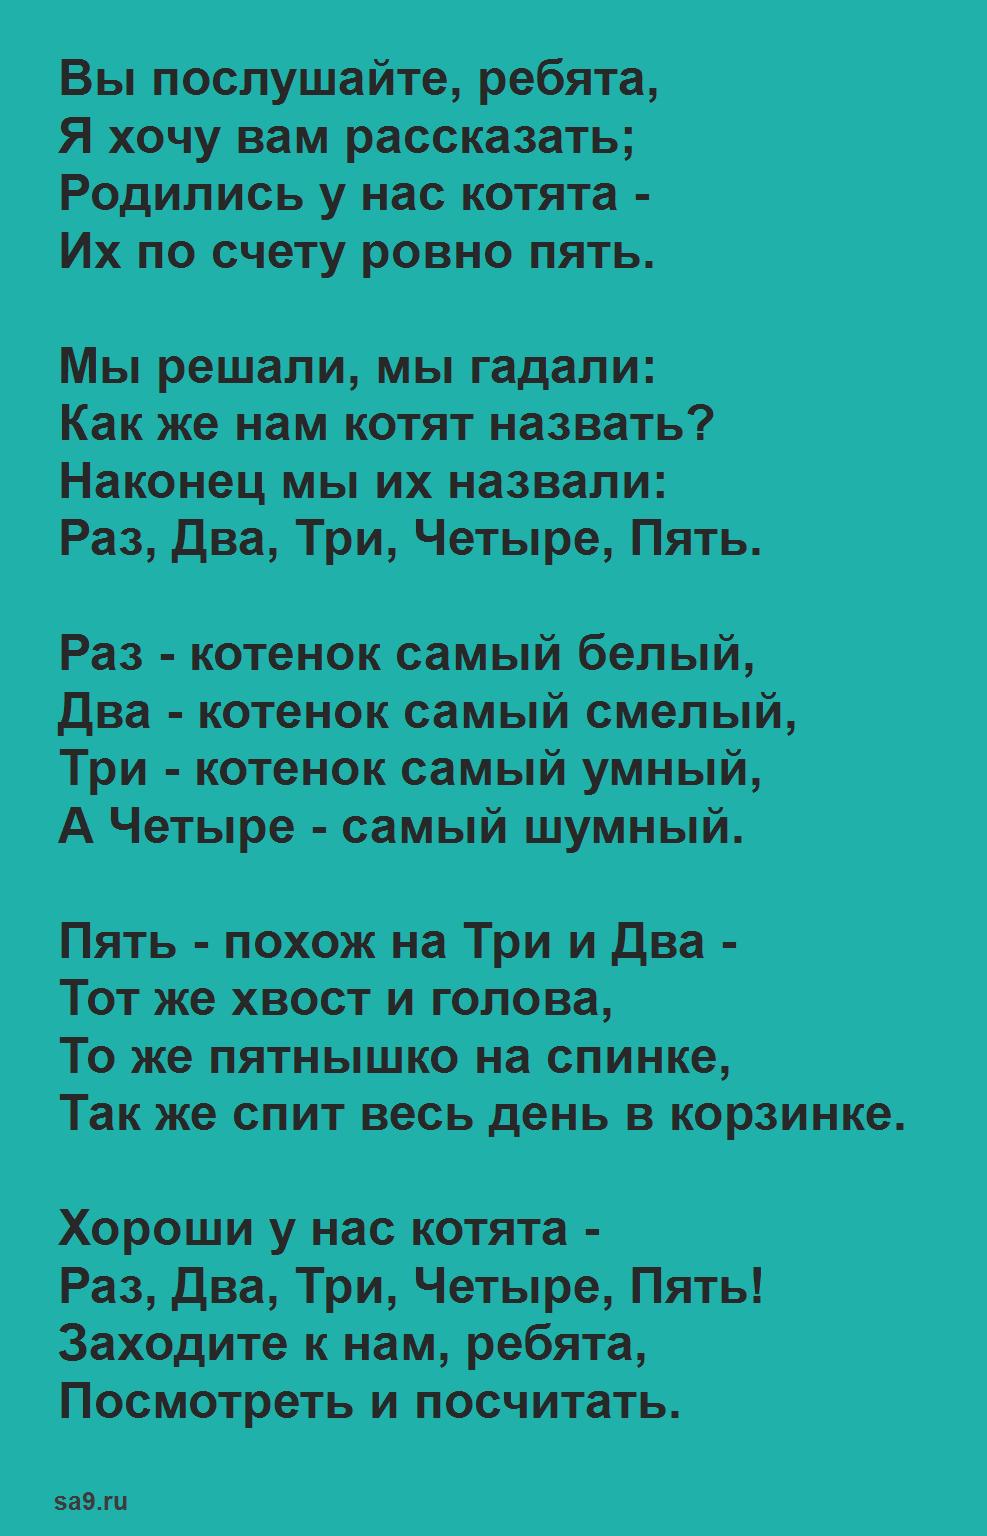 Михалков стихи для детей - Котята